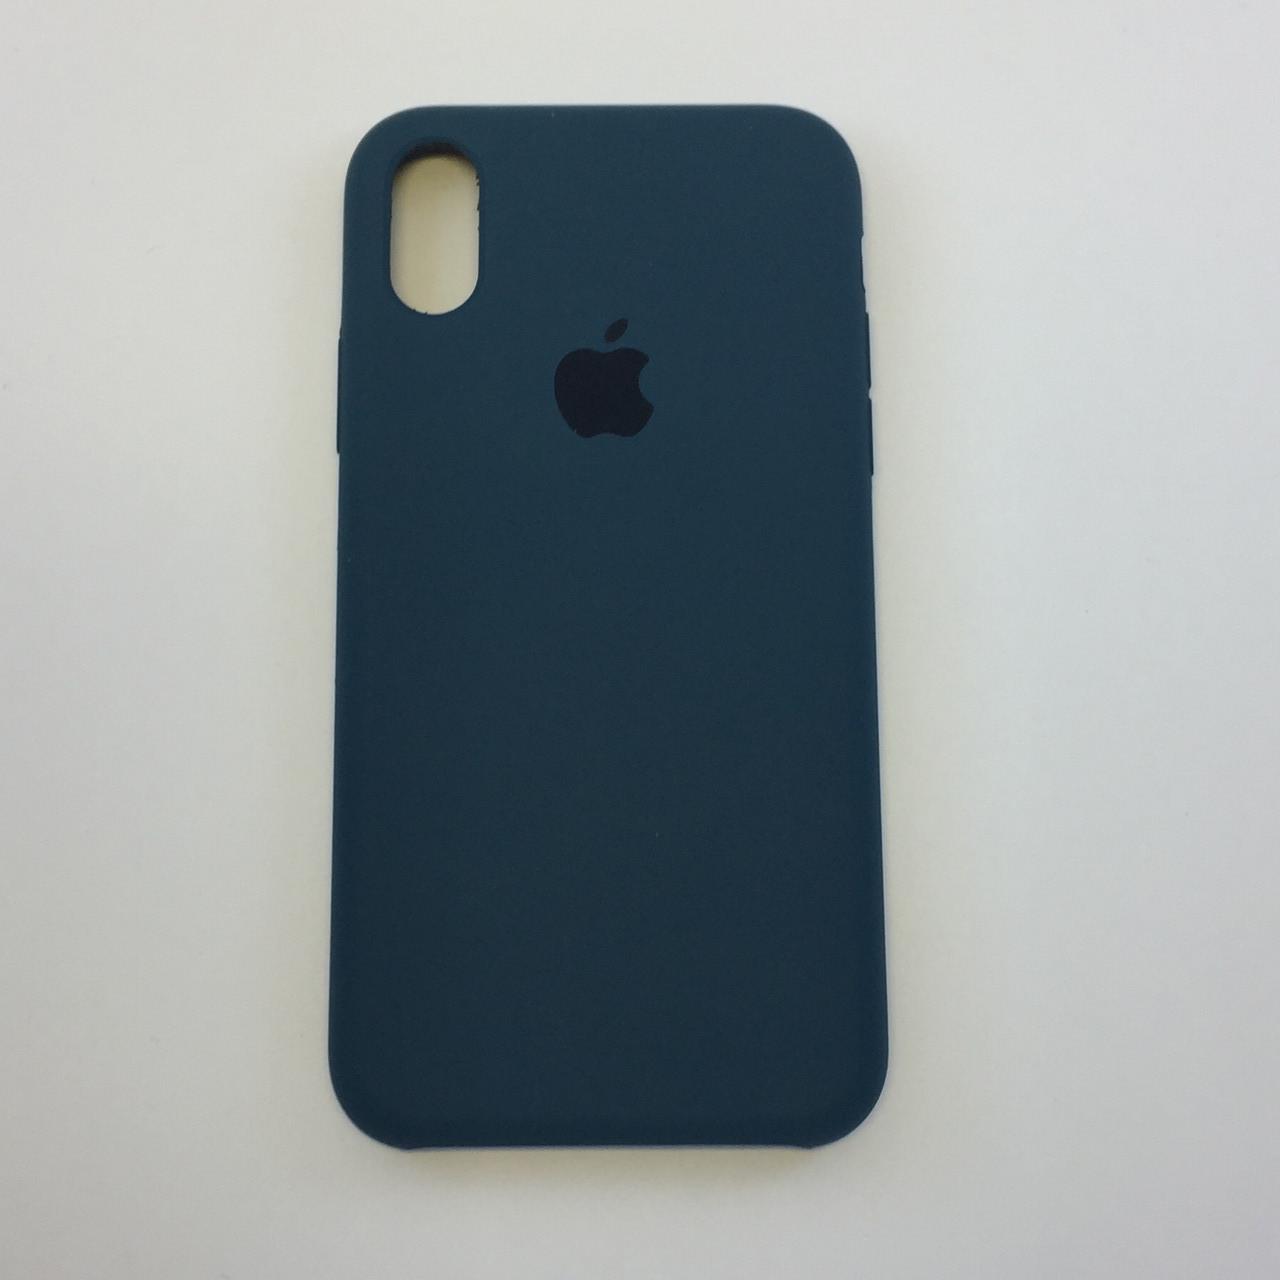 Силиконовый чехол для iPhone Xr, - «мистический» - copy original